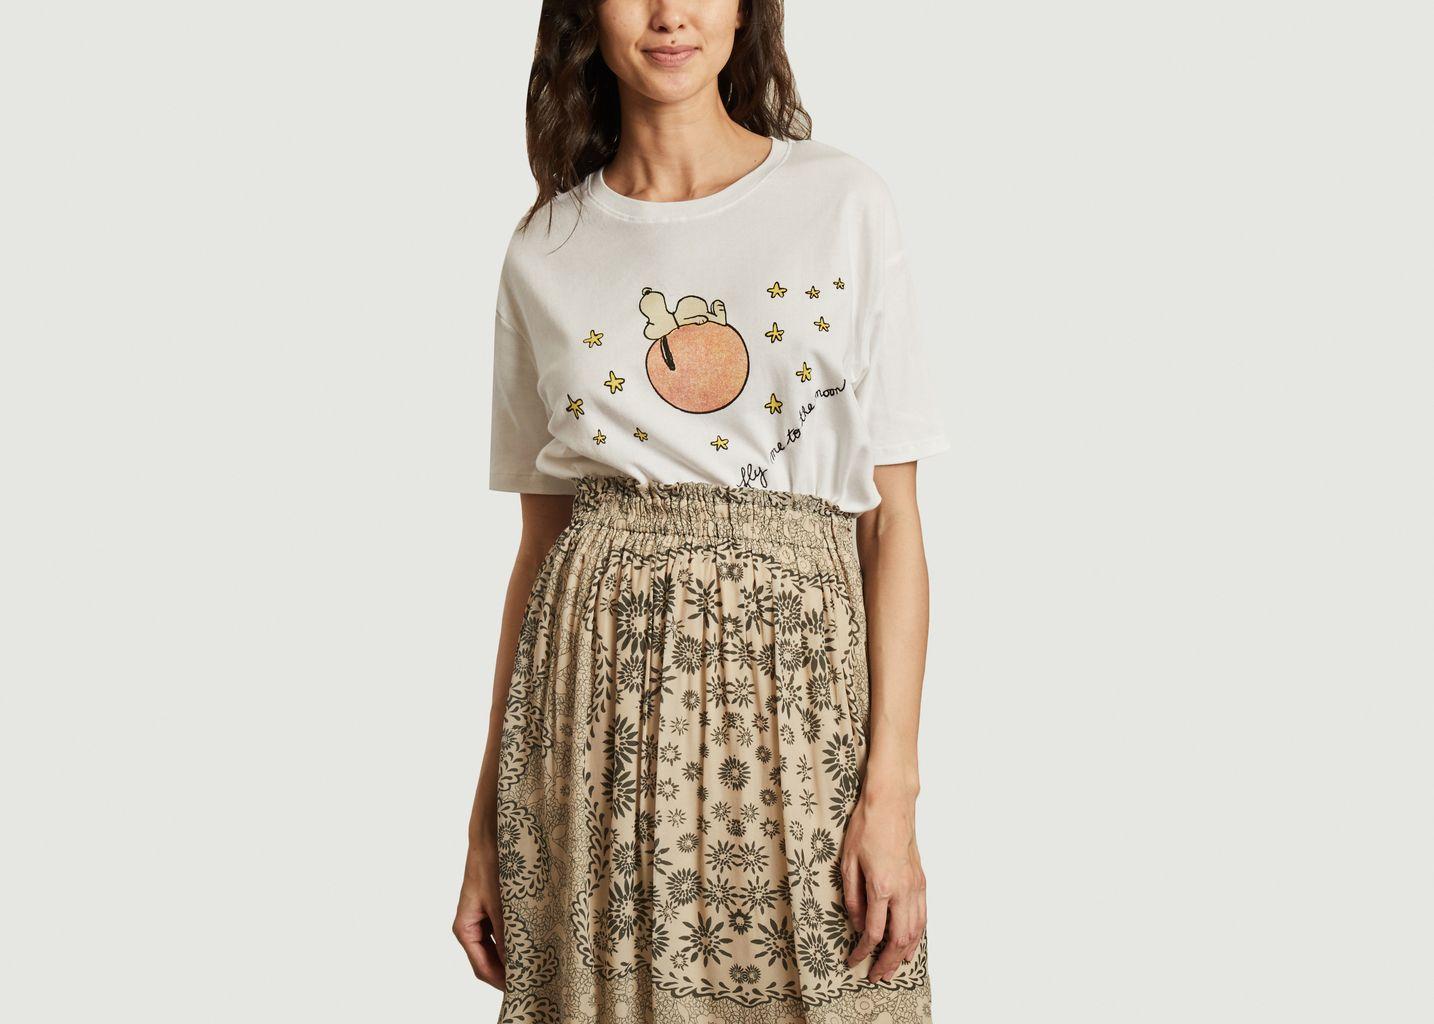 T-shirt Djelu Snoopy - Swildens